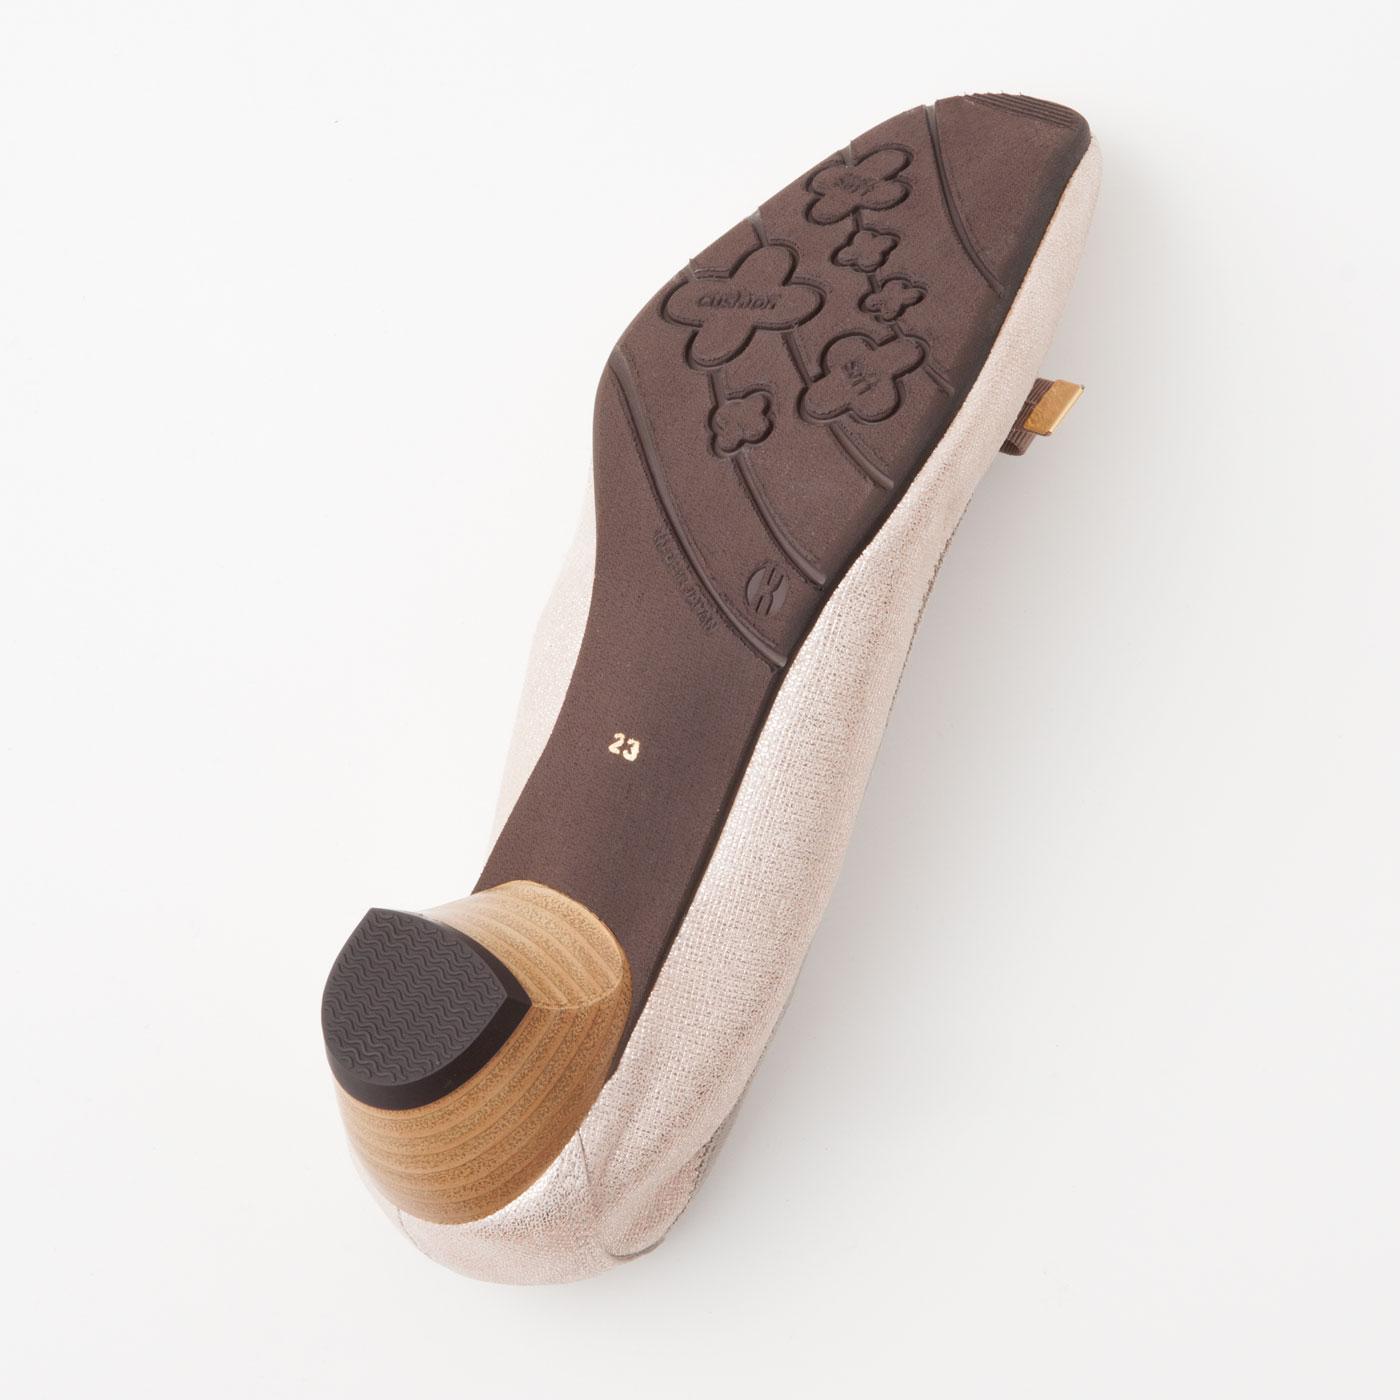 滑りにくく磨耗しにくく、衝撃を軽減するクッション性のあるソール素材。ヒールはコツコツ音がしにくい「消音ヒール」の気配り仕様。